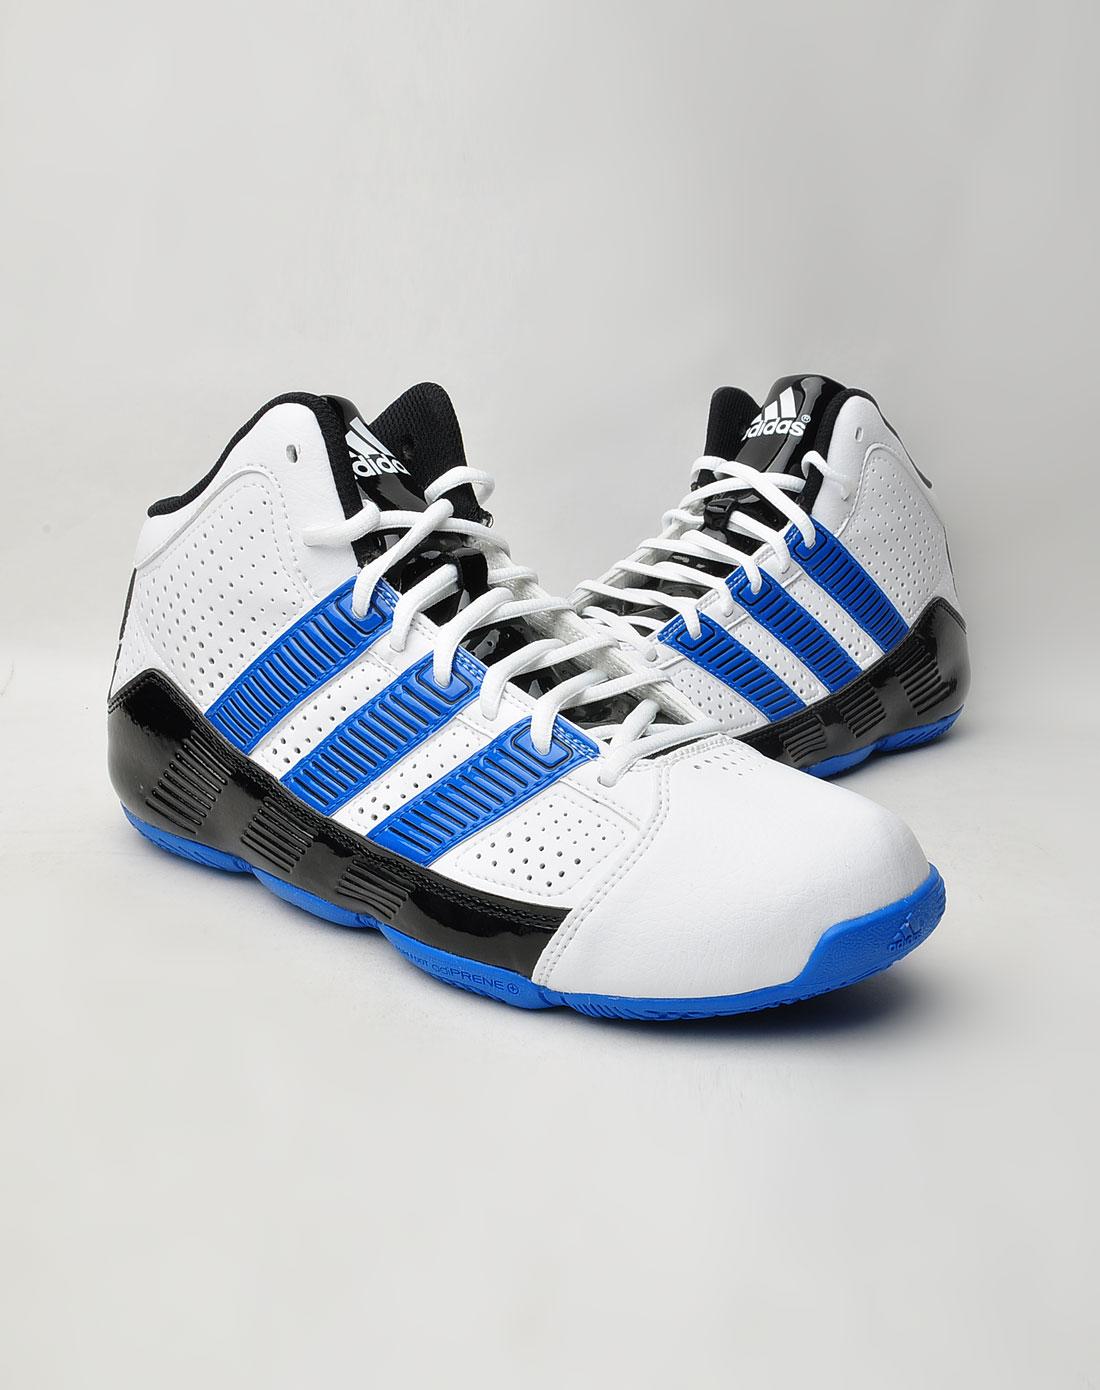 阿迪达斯adidas男鞋专场-男款白/蓝/黑色时尚运动鞋